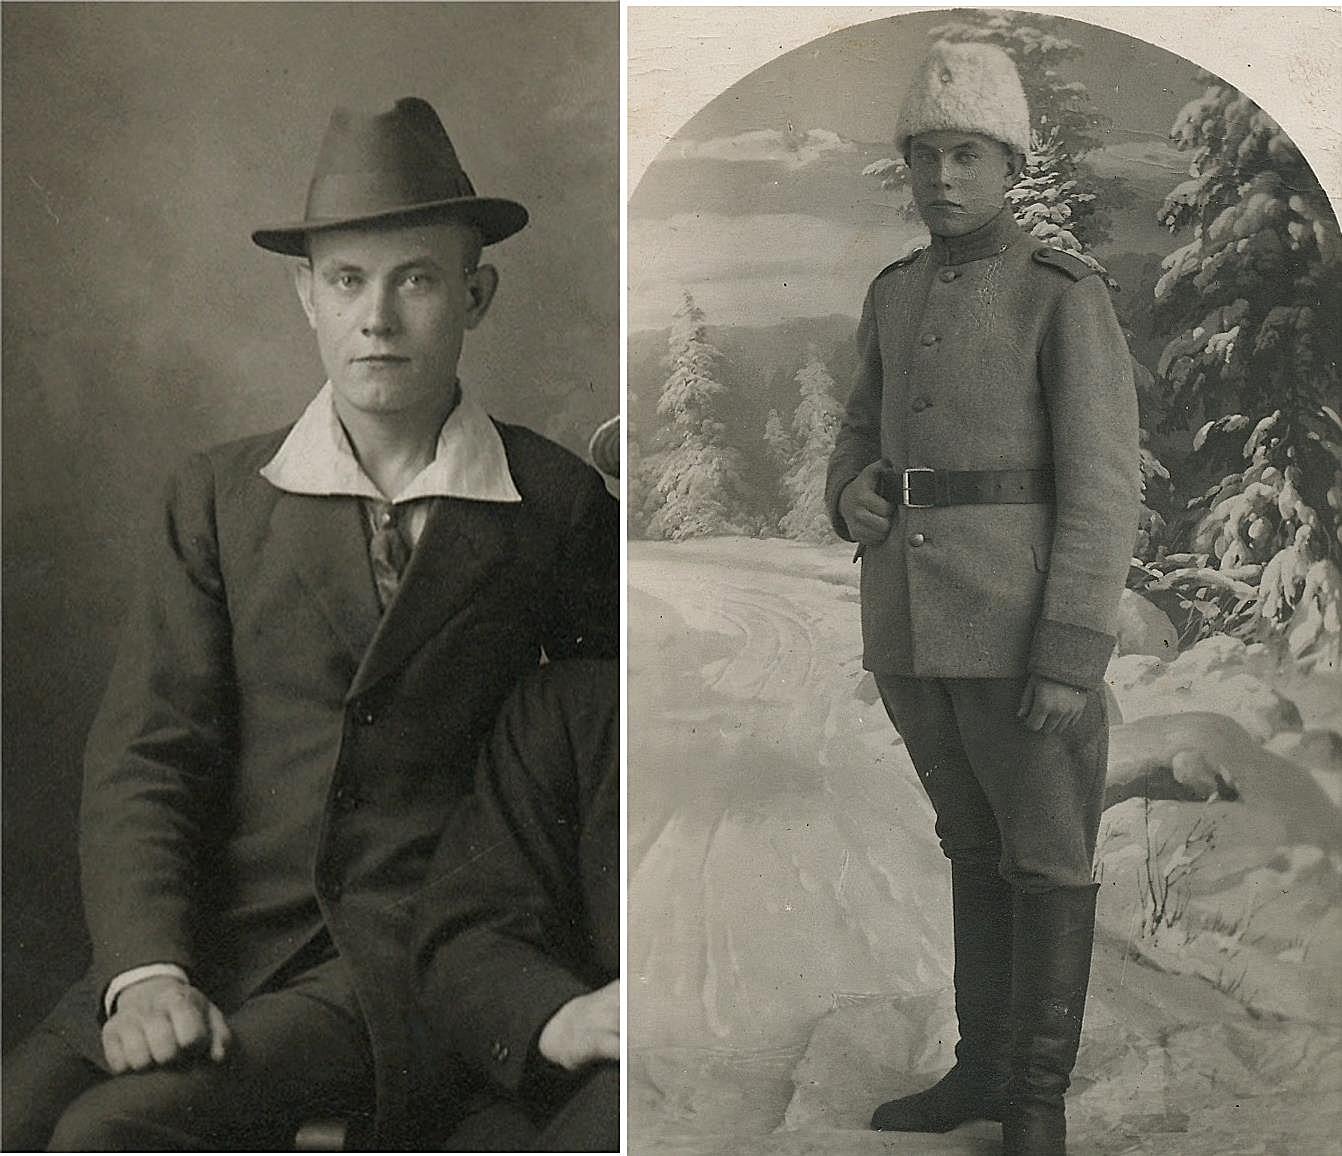 Till vänster Frans Kaskimäki i Canada år 1925 och till höger är Frans i militären på Åland år 1918.